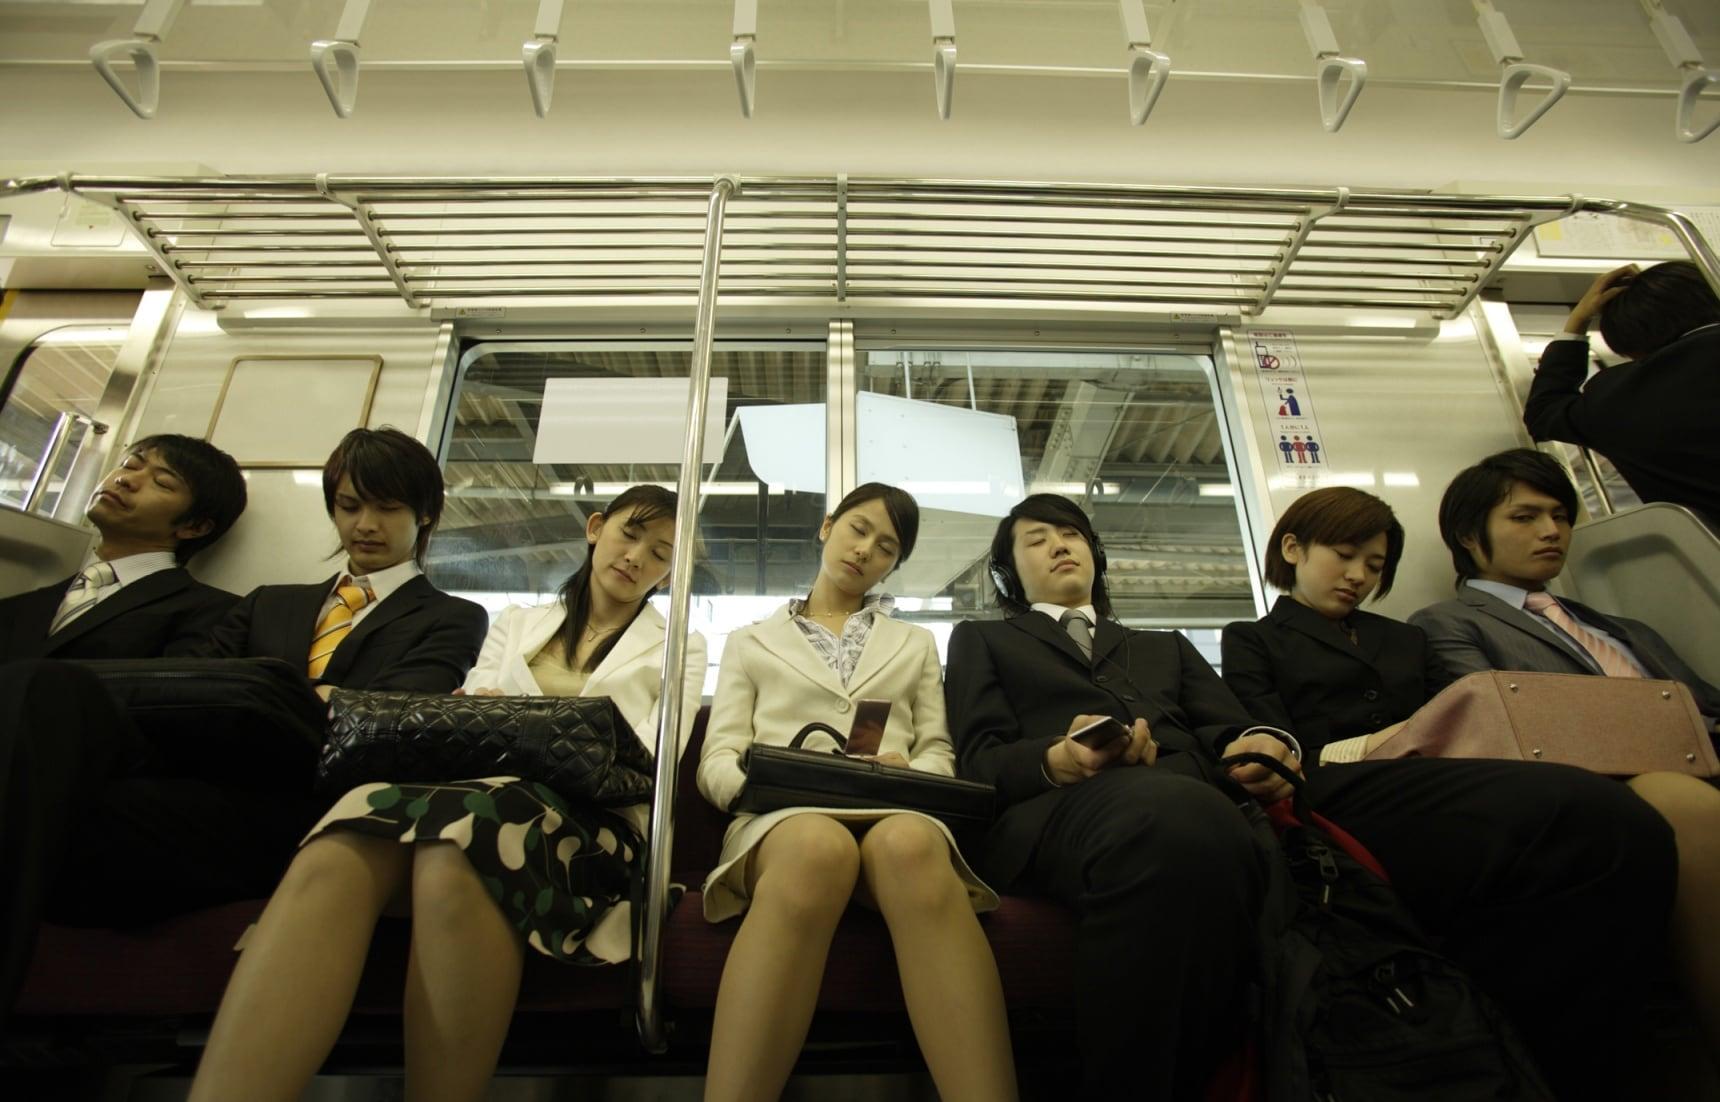 睡眠不足大國:原來日本人電車睡覺是因為這個